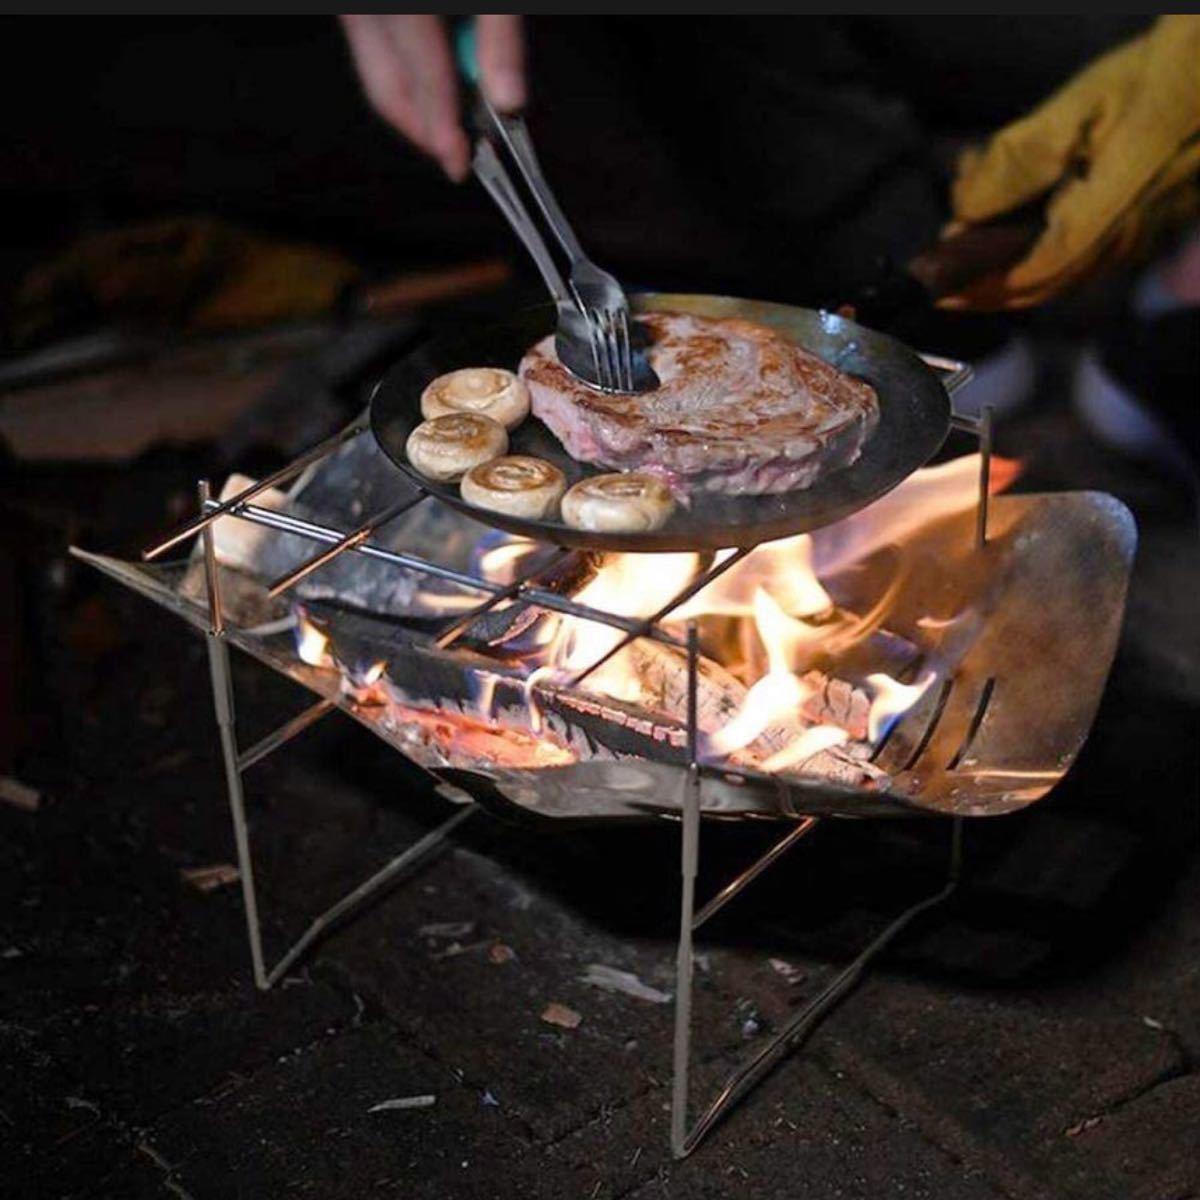 焚き火台  キャンプ たきび台 バーベキューコンロ 折りたたみ超軽量 收納袋付